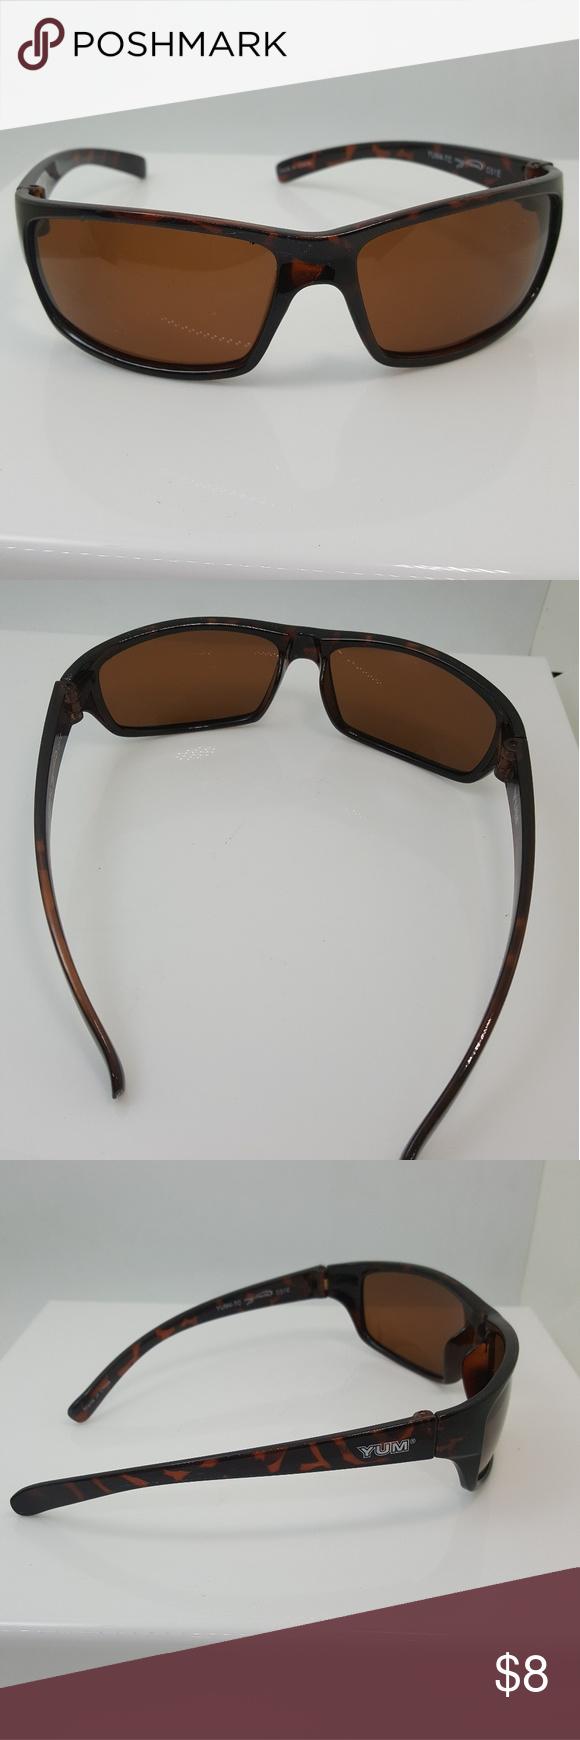 55eab91f30 Fishing polarized uv sunglasses Yum brand fishing polarized sunglasses Yum  Accessories Sunglasses